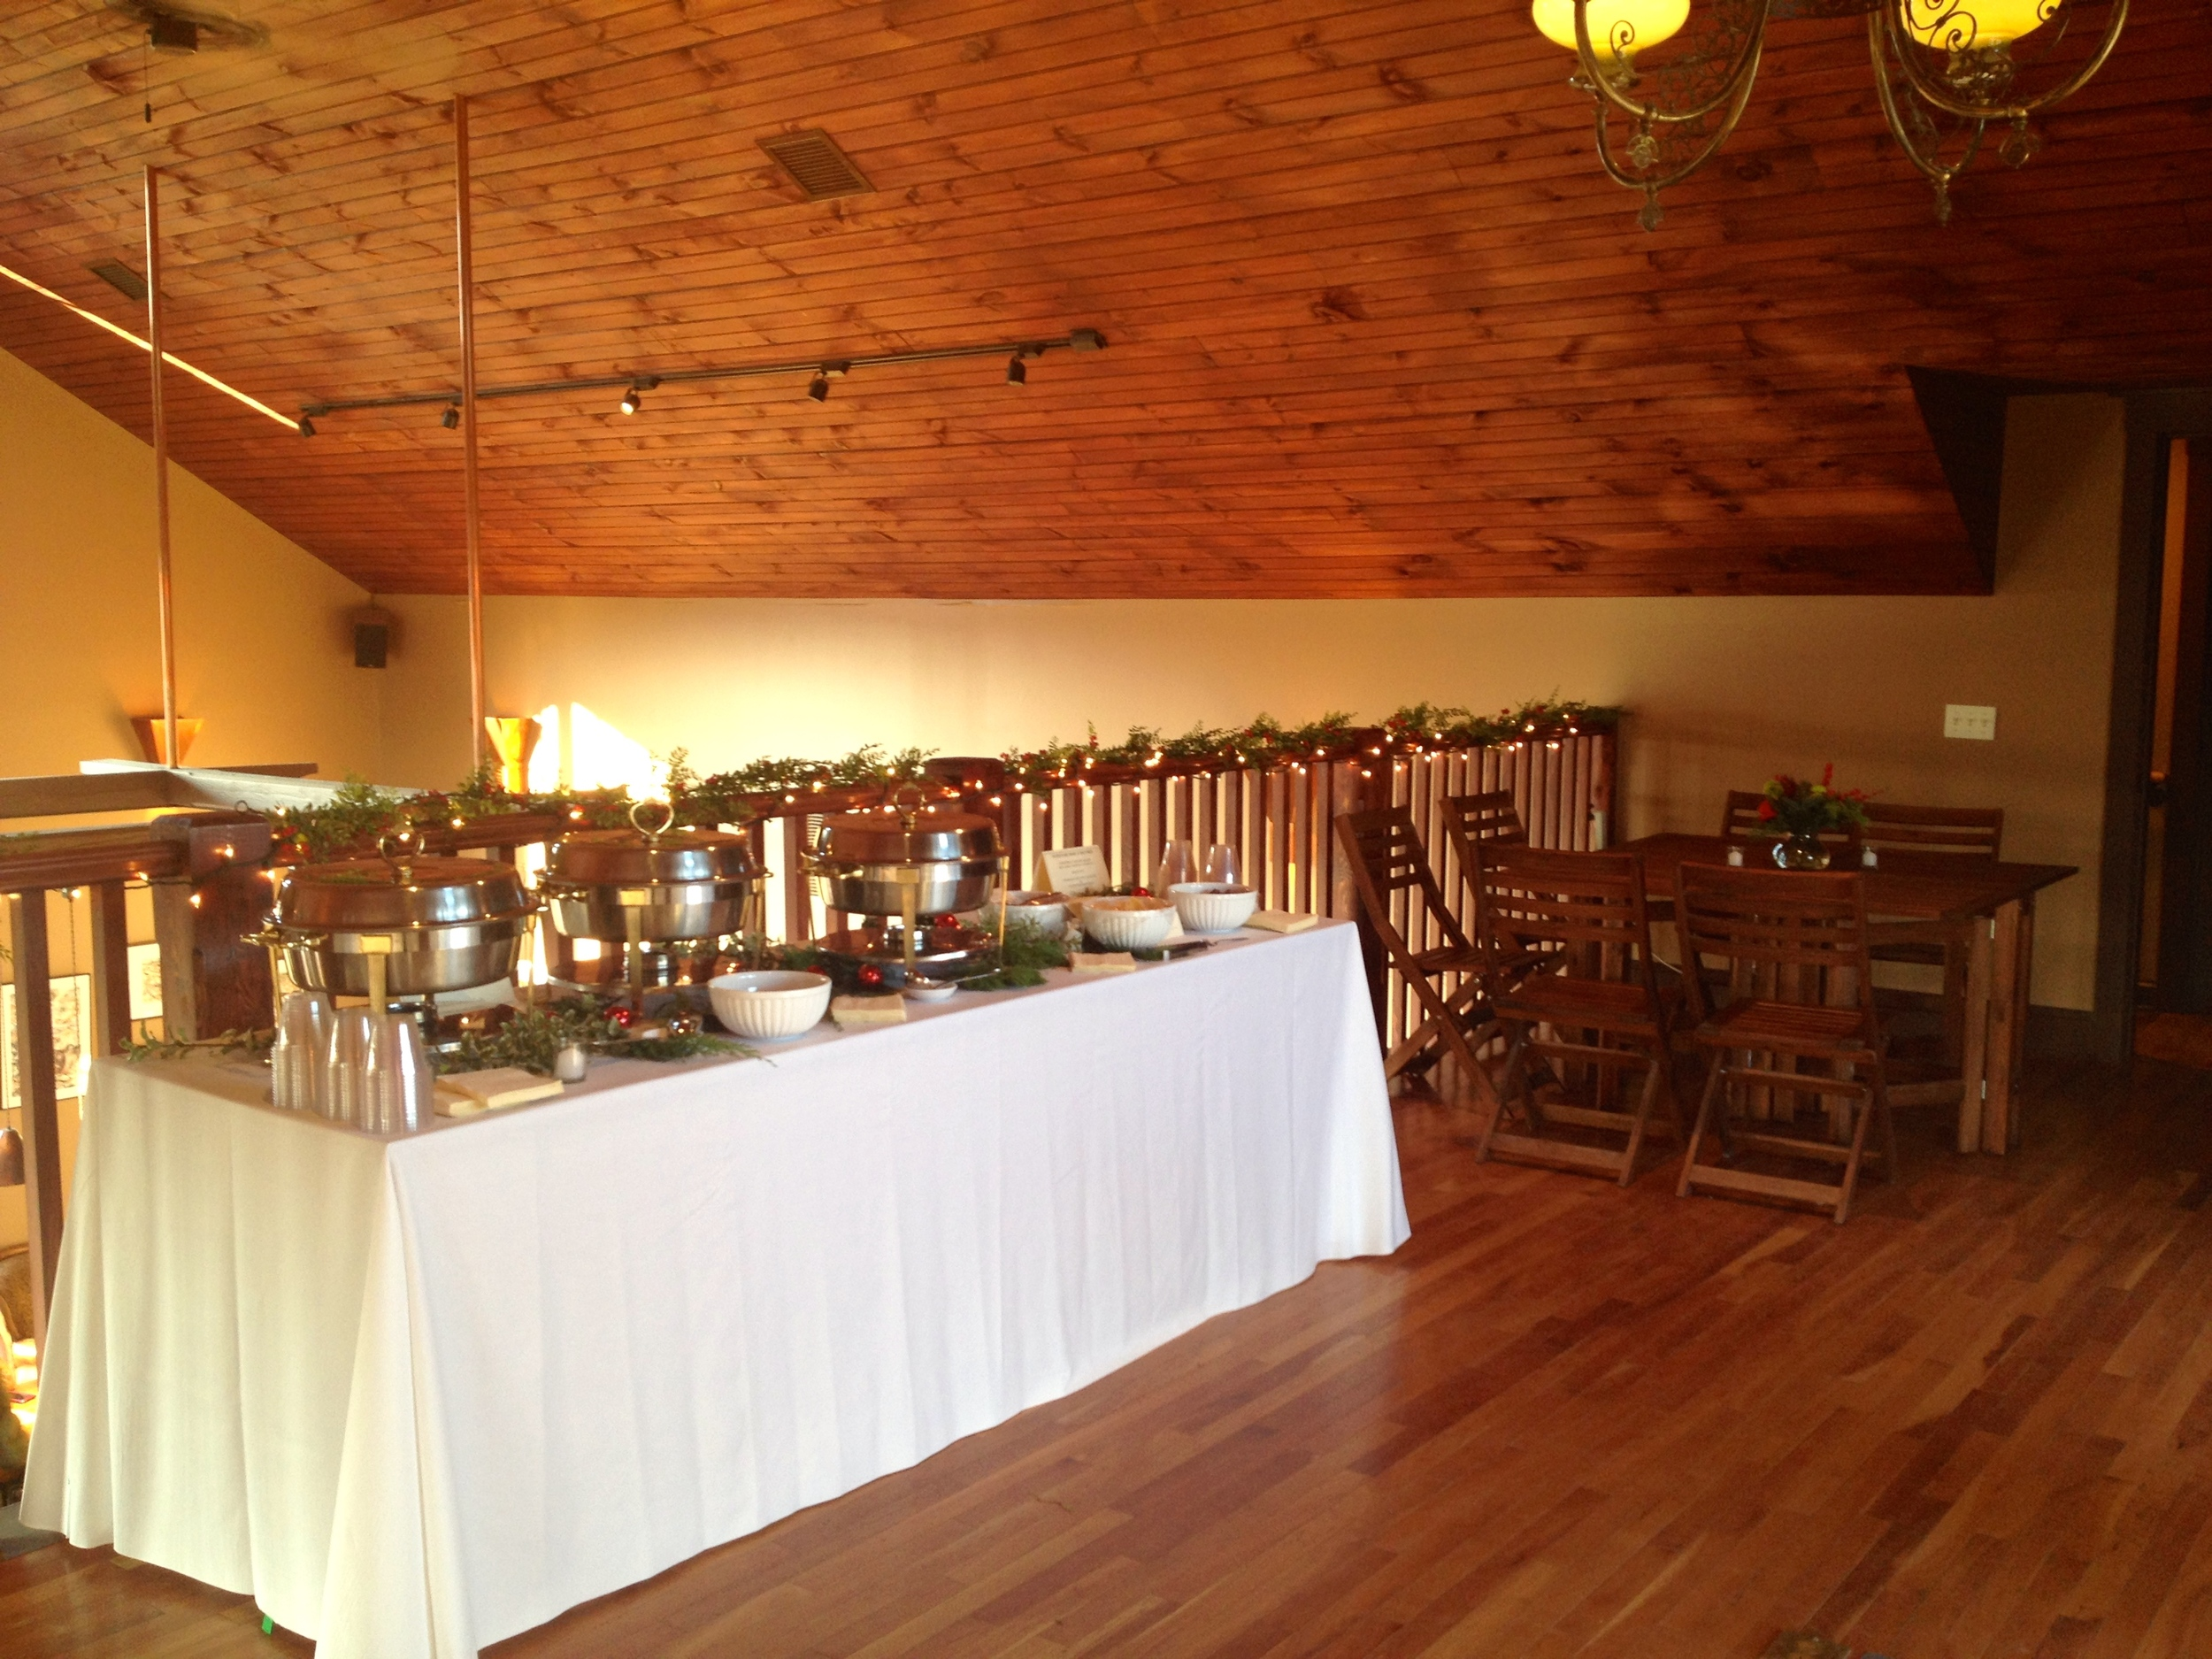 Buffet table in loft